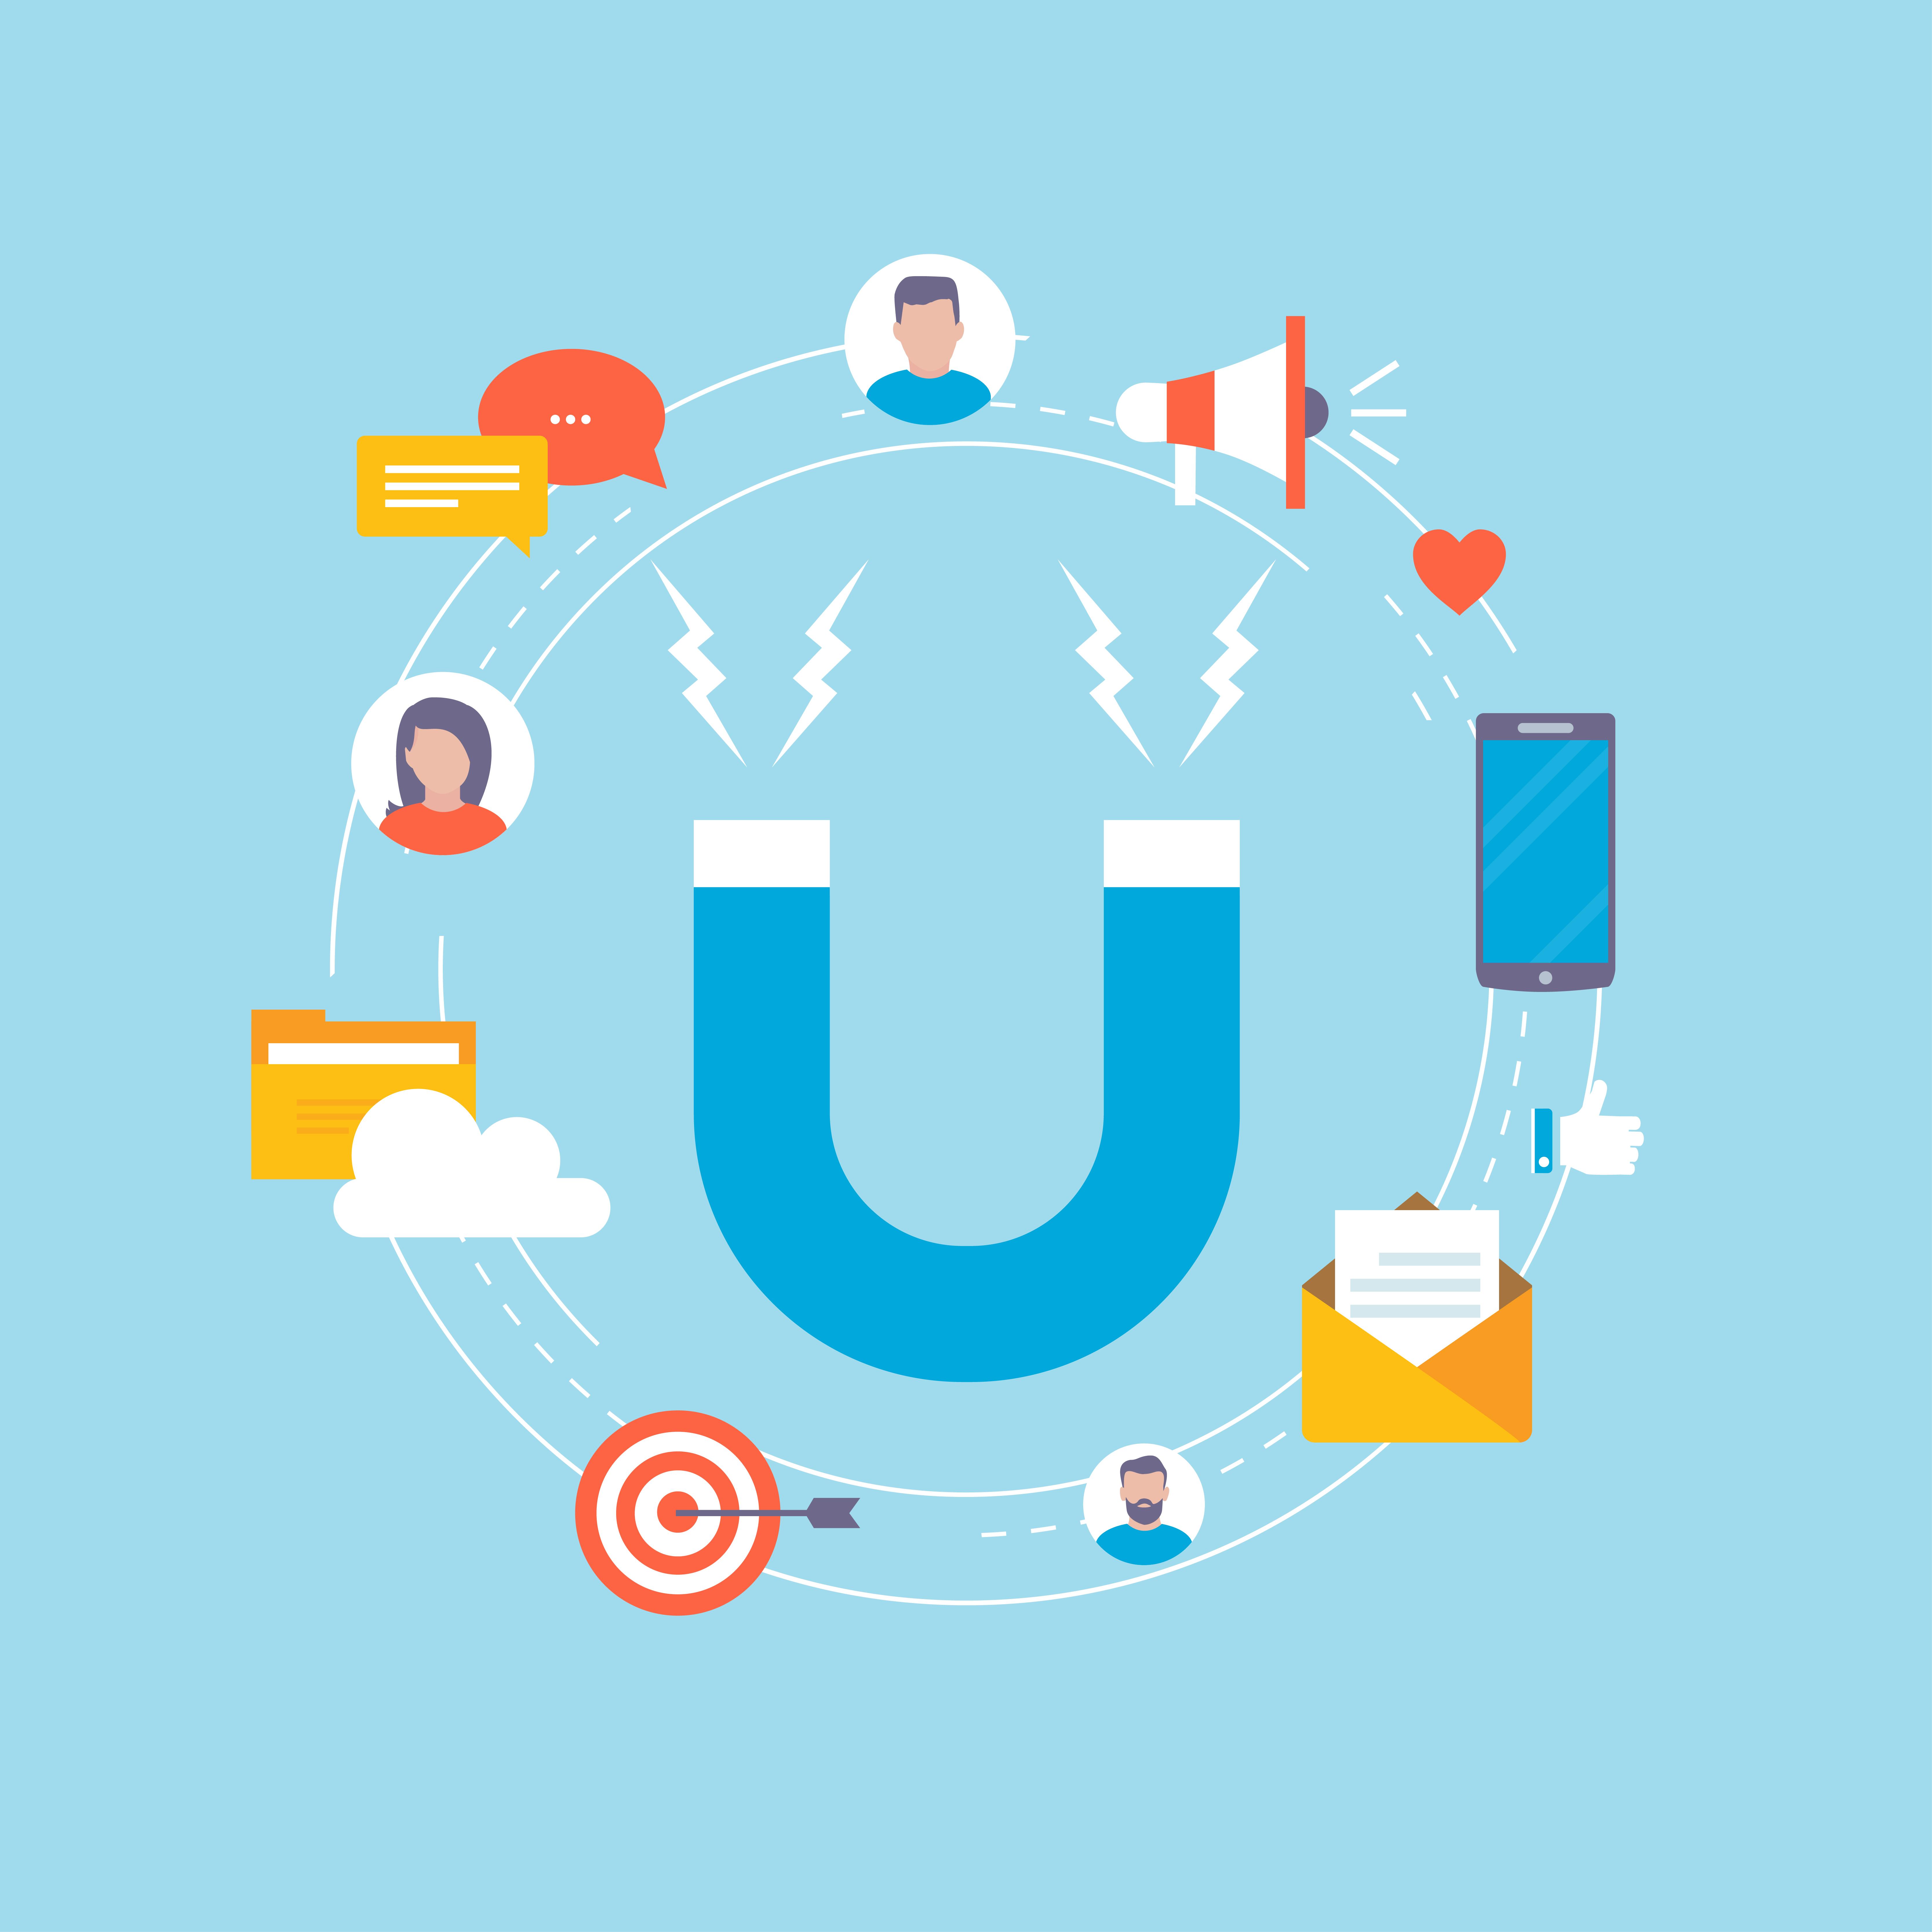 Vector Illustration Web Designs: Target Market Concept Illustration Design For Web Banners